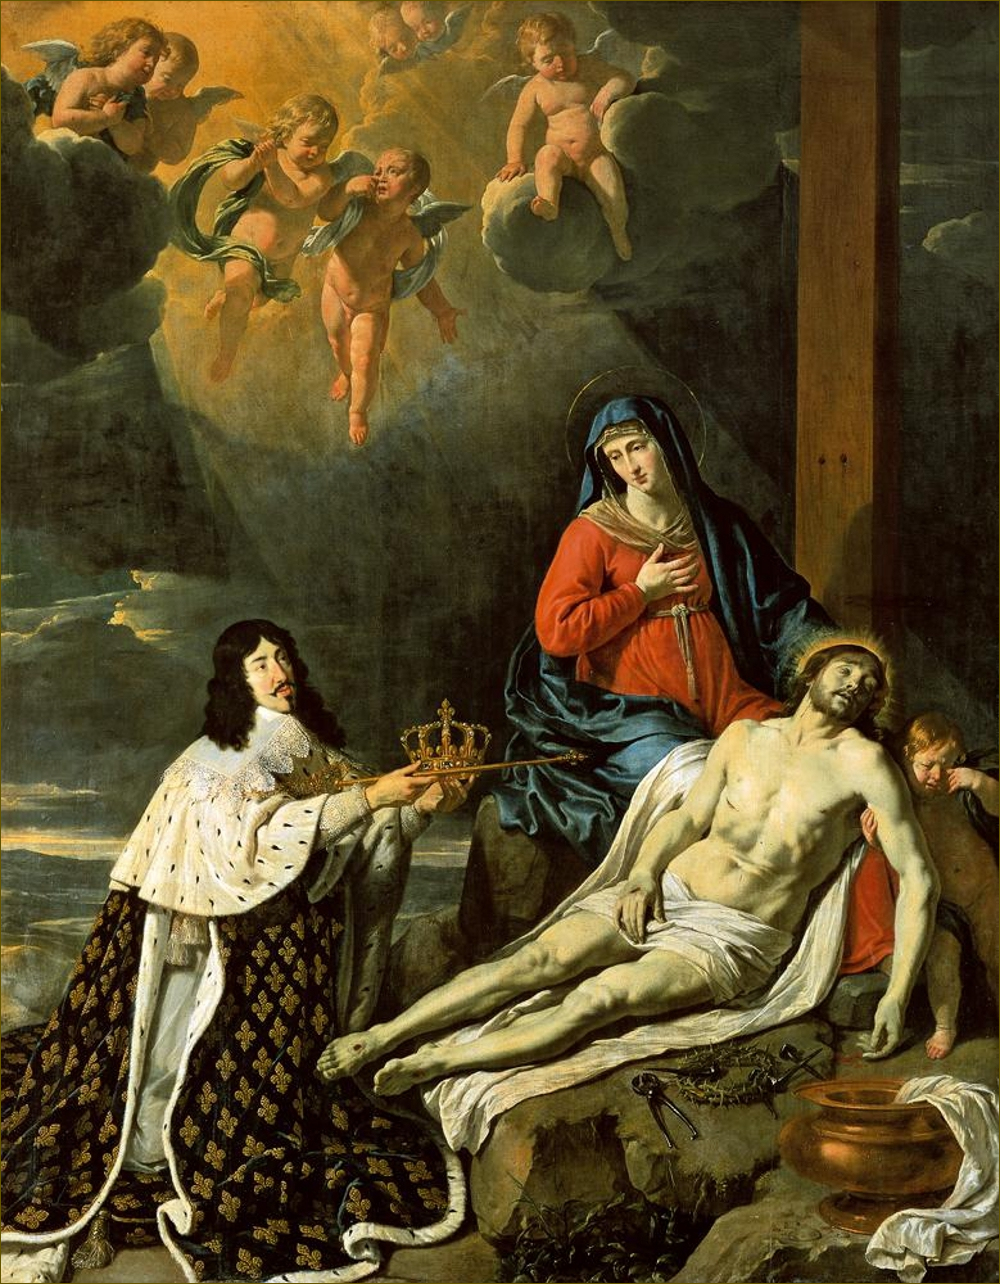 Louis XIII, roi de France, consacrant son royaume à la Sainte Vierge, par Philippe de Champaigne